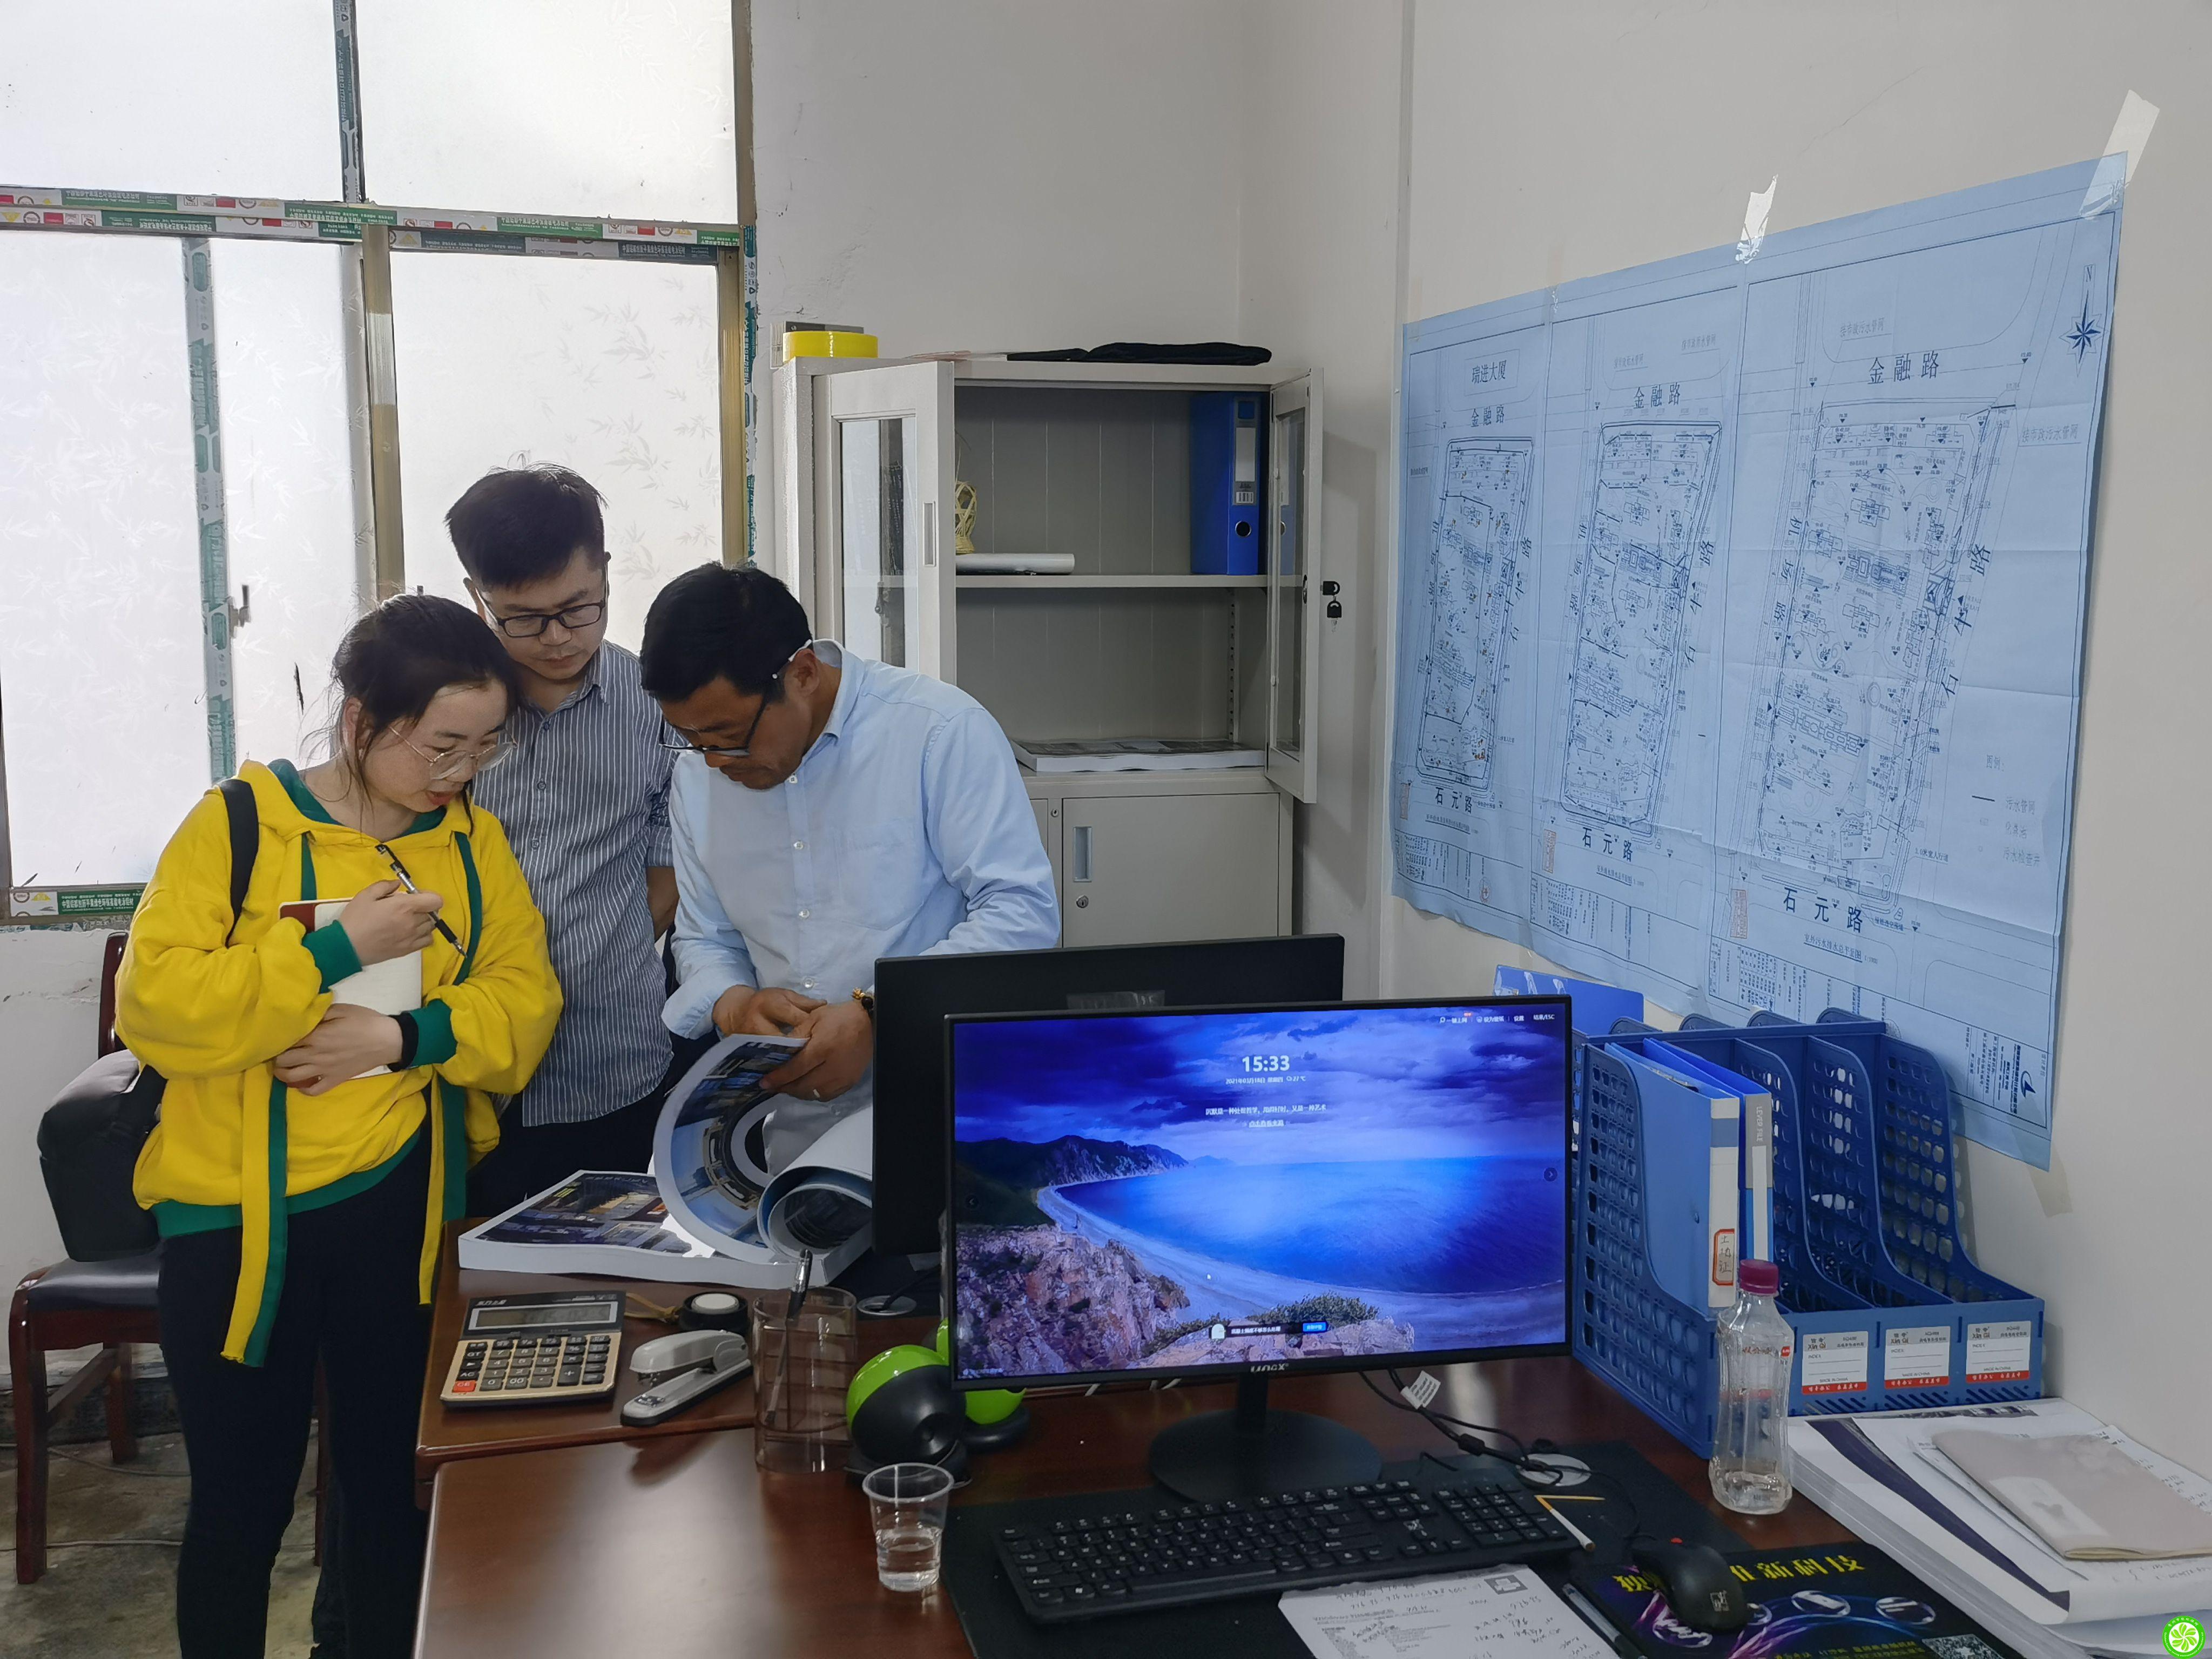 我司技术员对《独山县海通置业有限公司新城裕景房地产开发建设项目》节能报告、水土保持方案进行现场勘察及资料收集工作